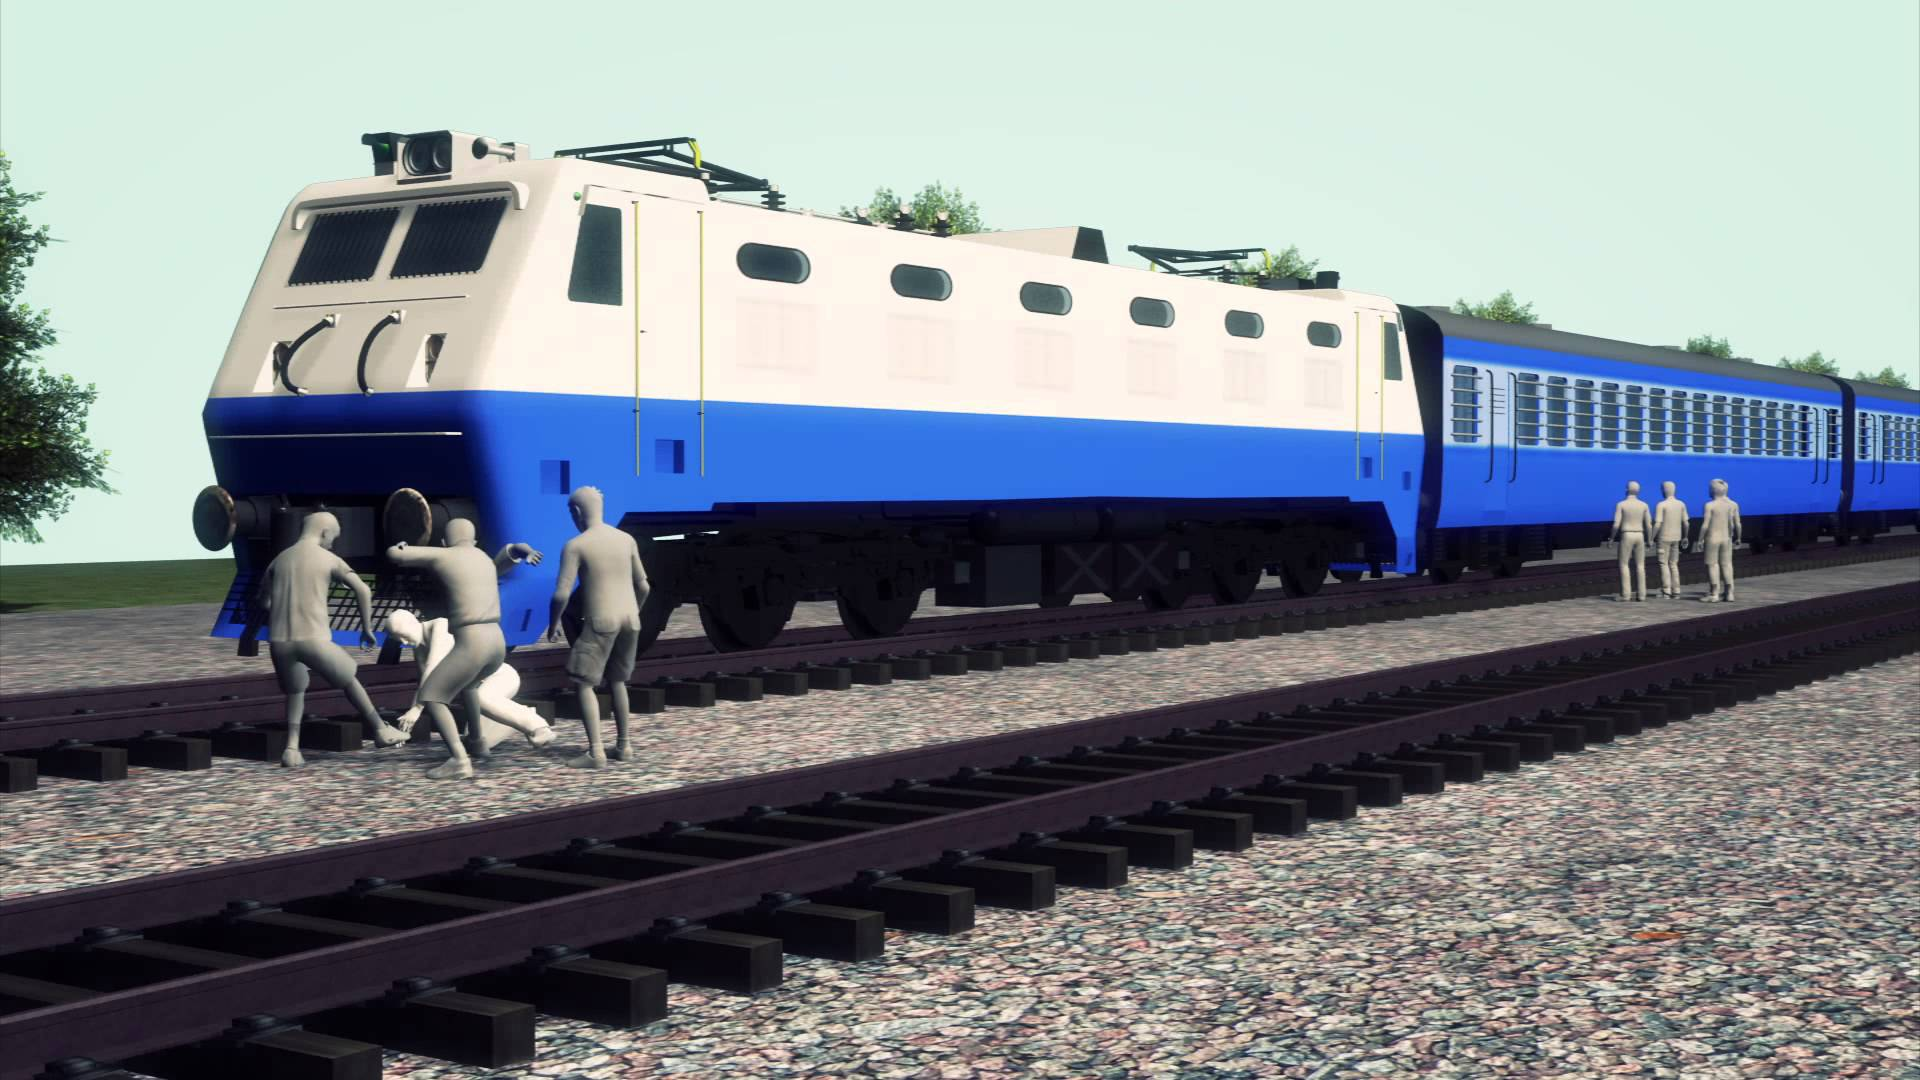 ٹرین سے کٹ کر پانچ خواتین کی موت